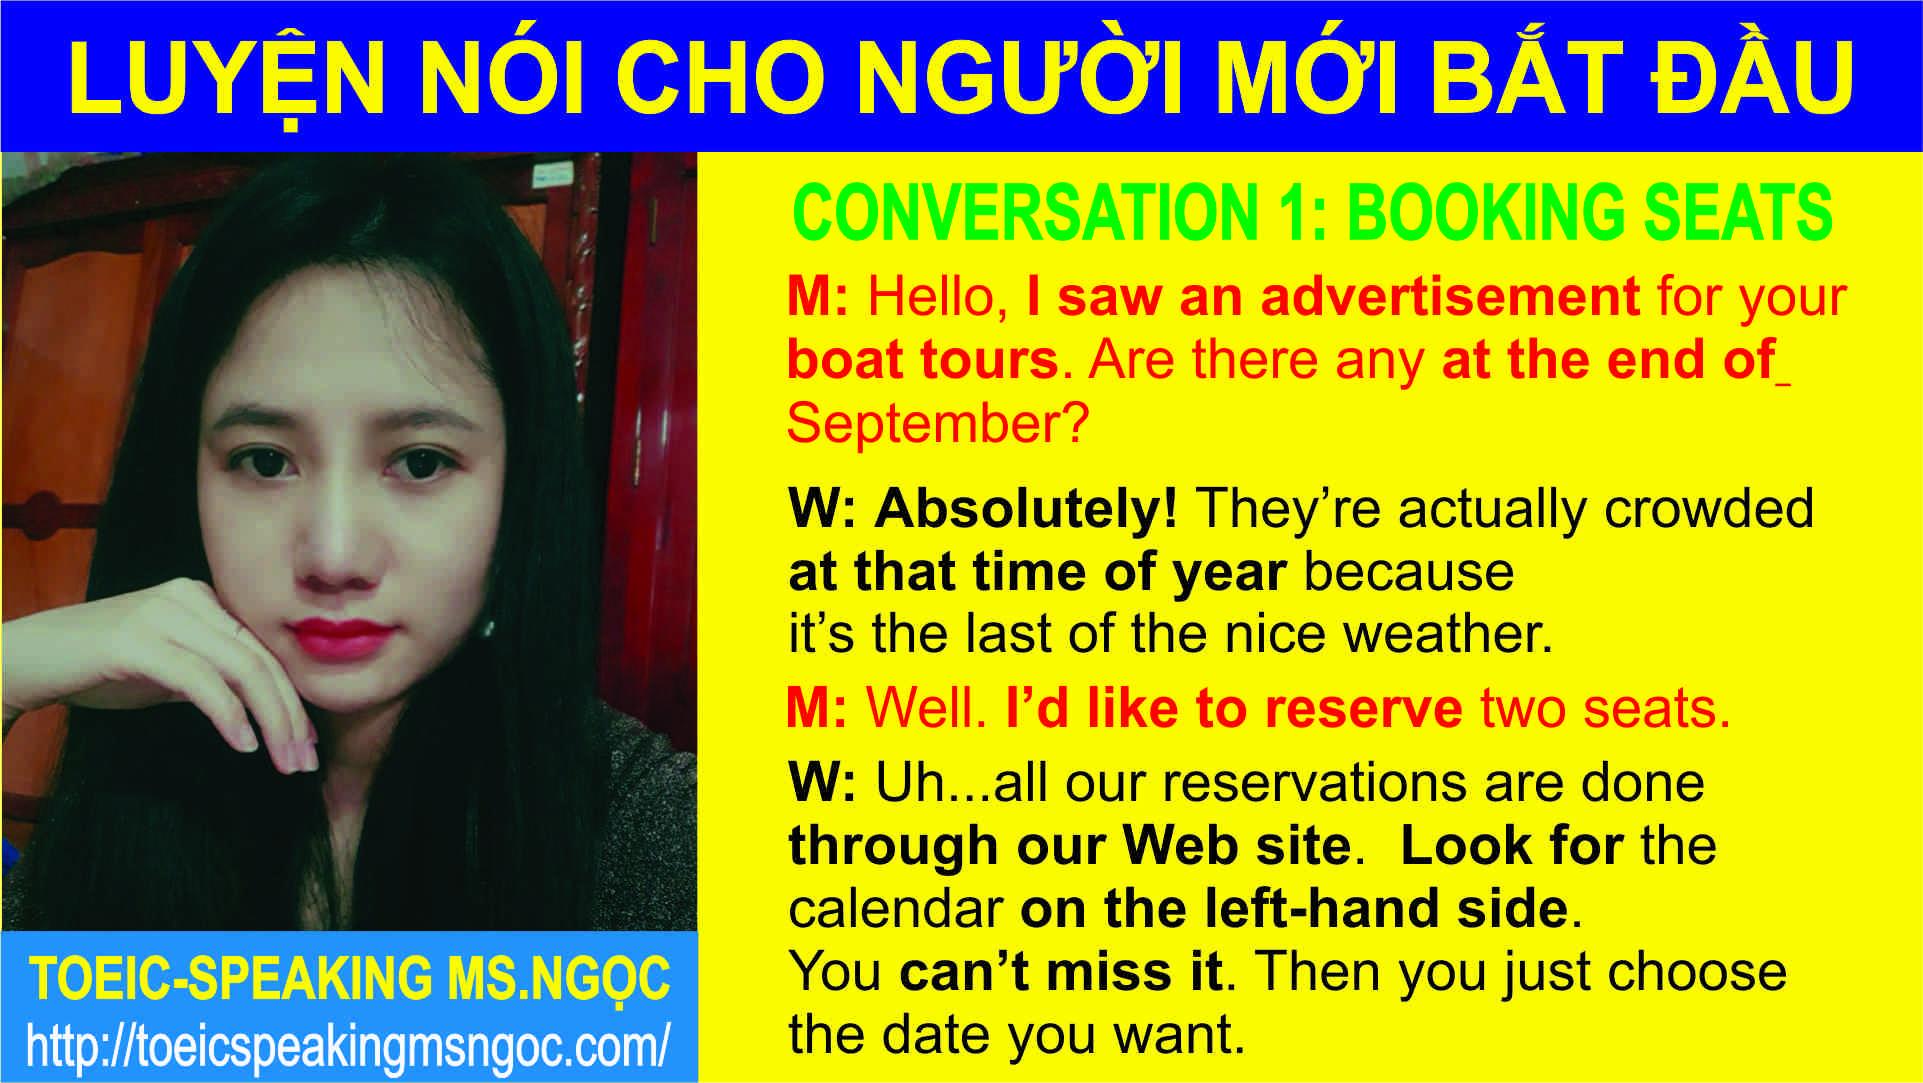 luyen-noi-cho-nguoi-moi-bat-dau-conversation-1-booking-seats-25